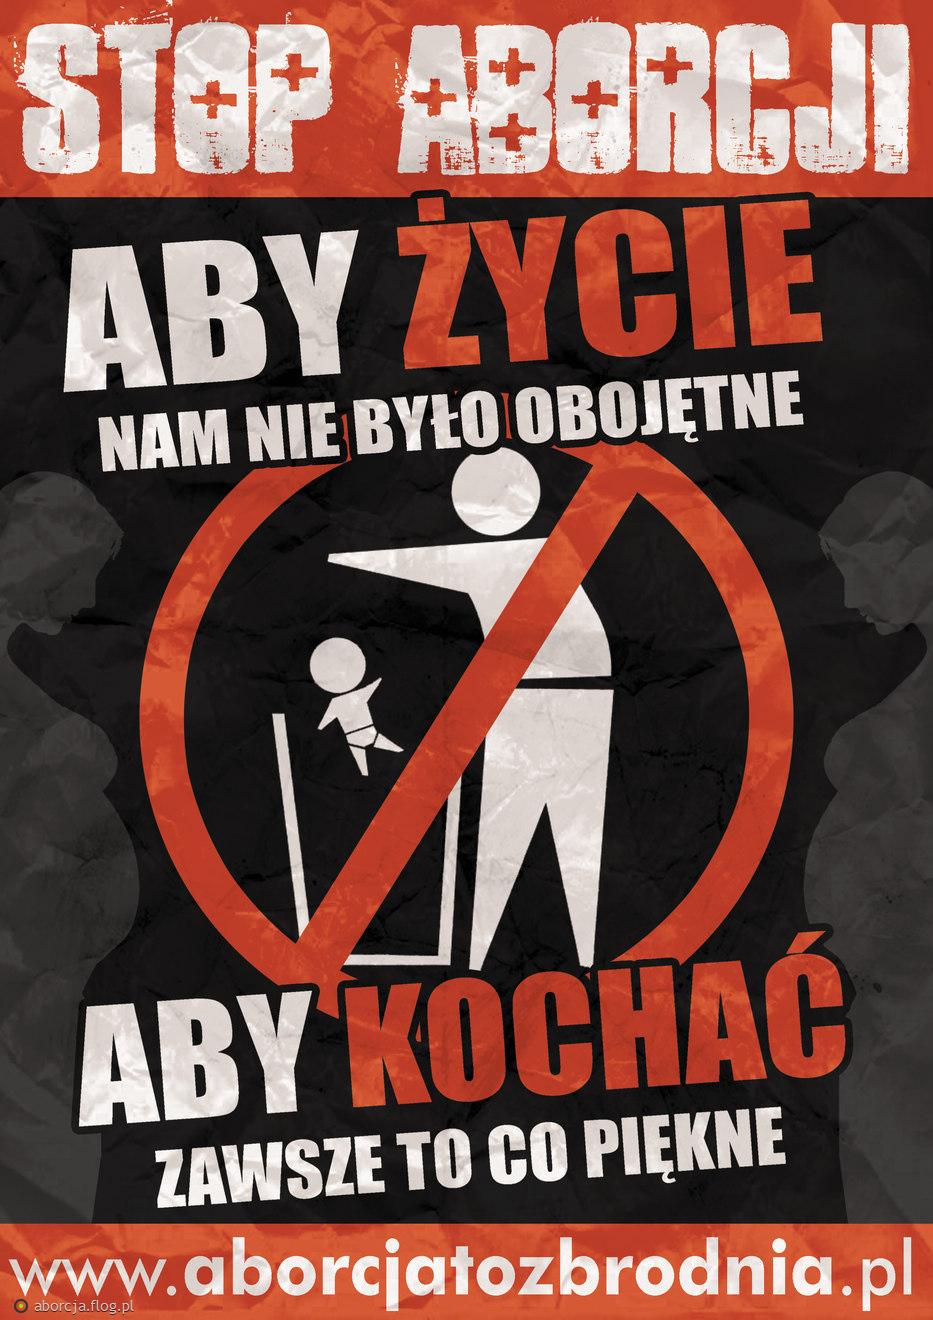 爭議話題 - 墮胎在波蘭合法嗎?   波蘭深度旅遊